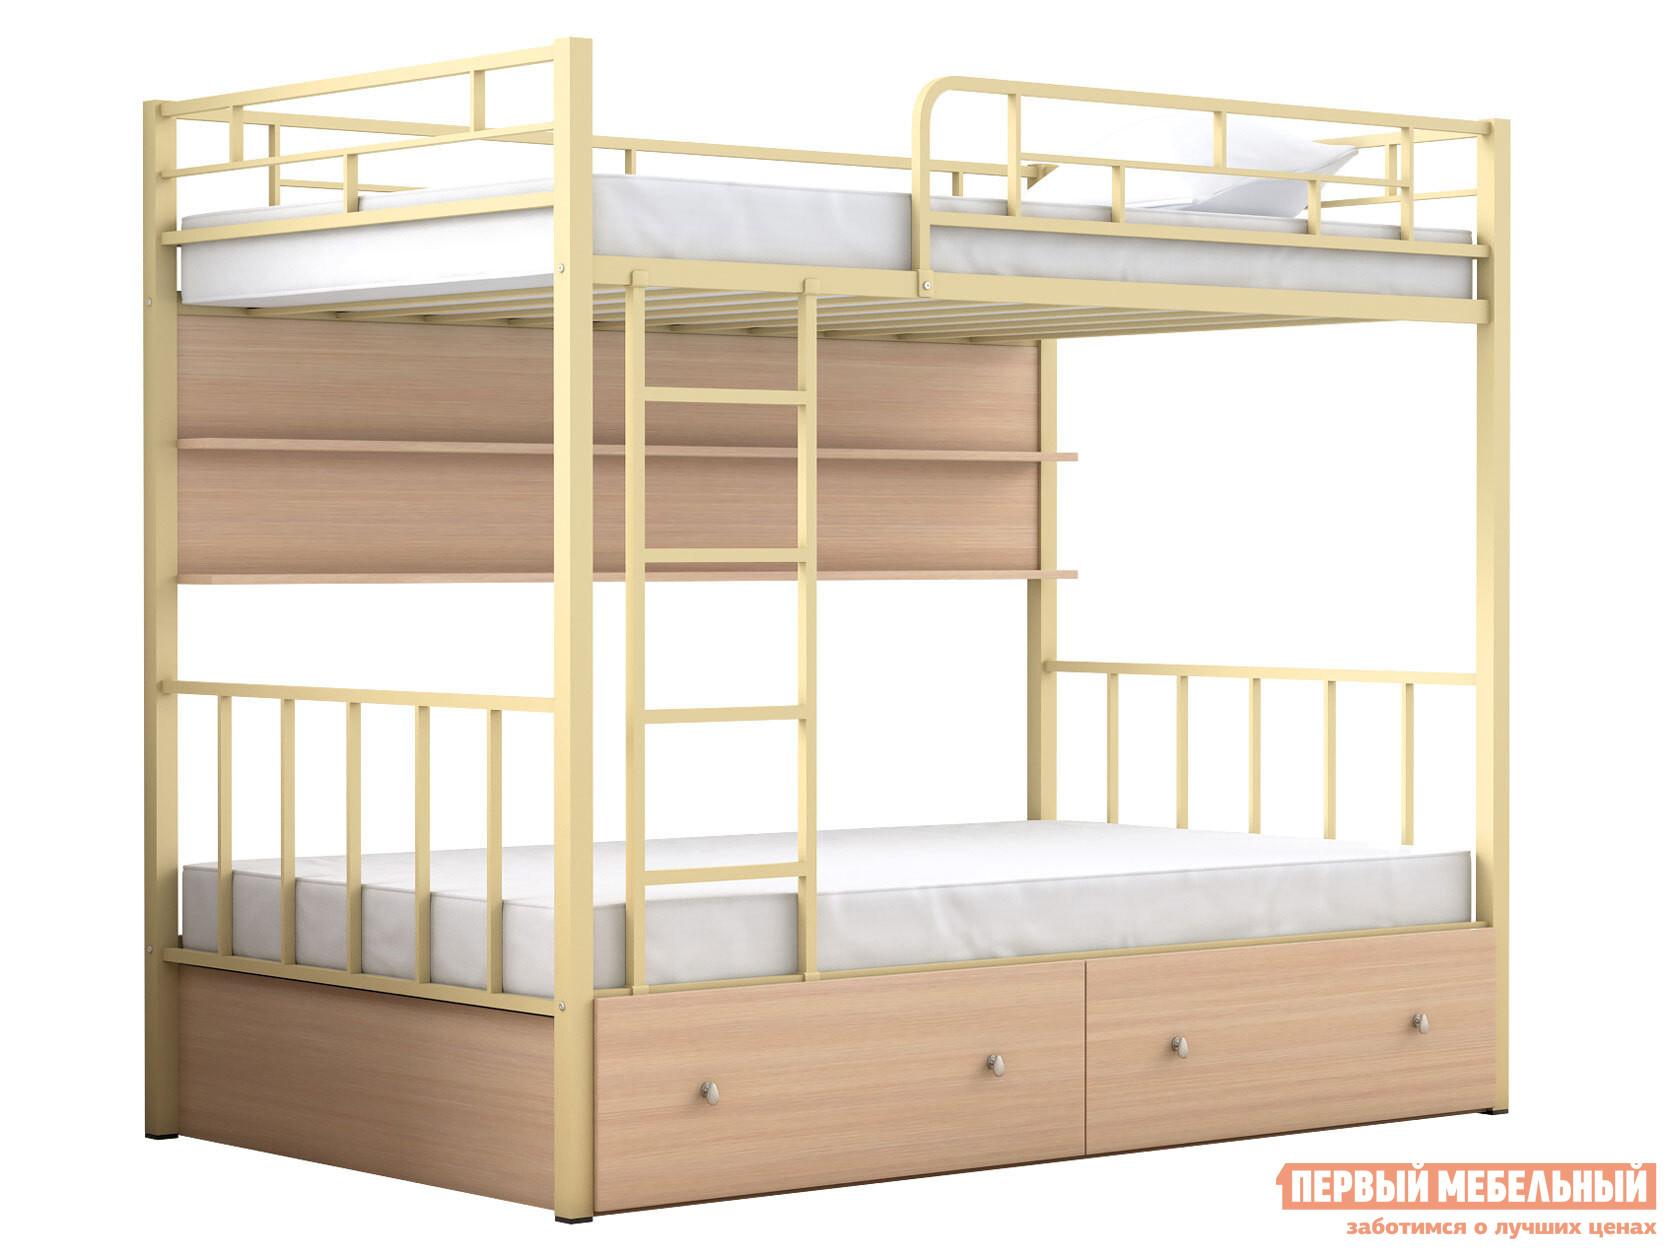 Двухъярусная кровать МФ 4 Сезона Двухъярусная детская кровать Валенсия 120 с полкой и ящиками